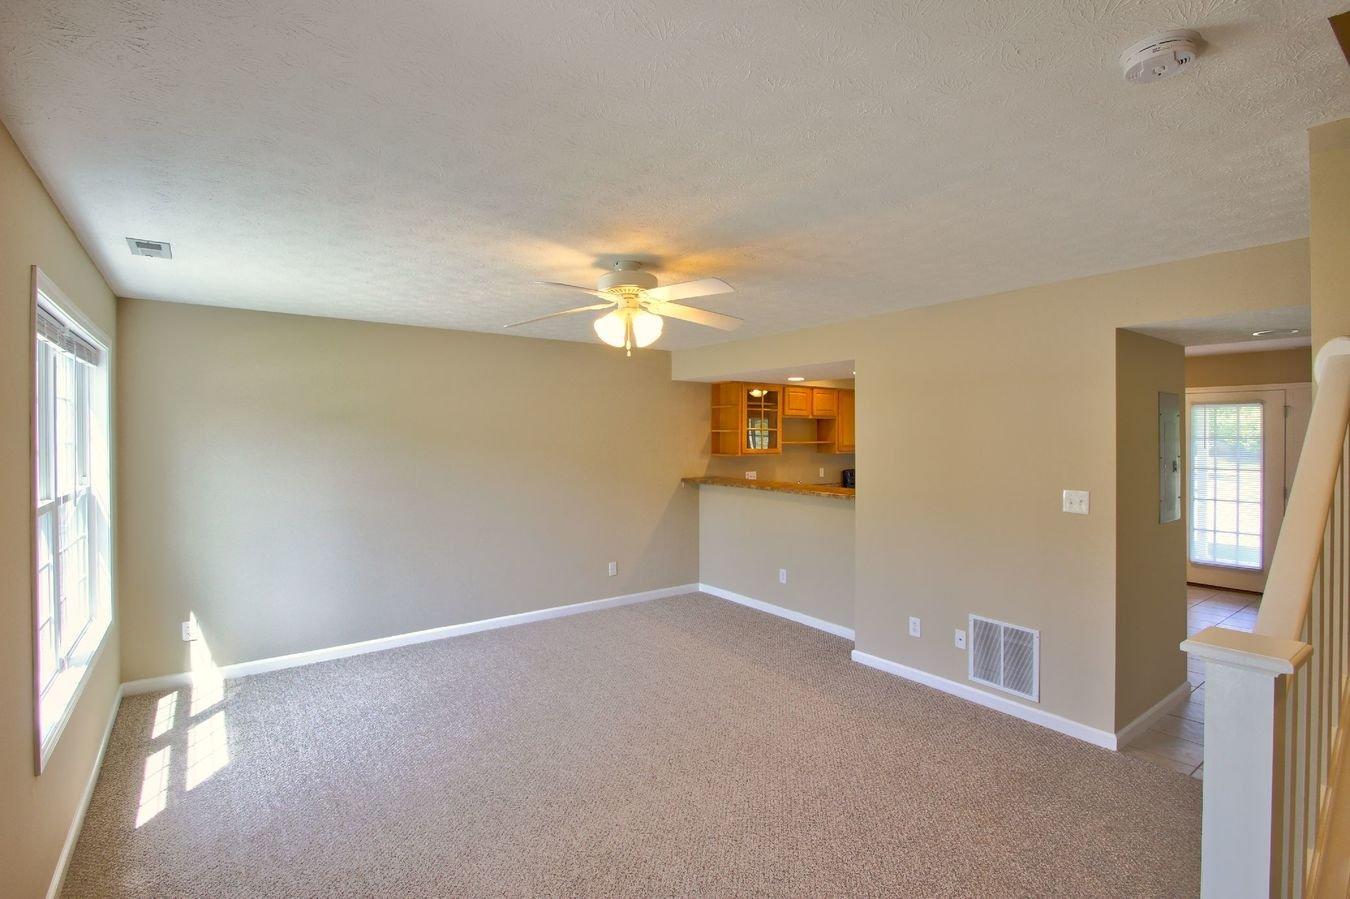 2 Bedrooms 2 Bathrooms Apartment for rent at Meadowcreek Neighborhood in Bloomington, IN